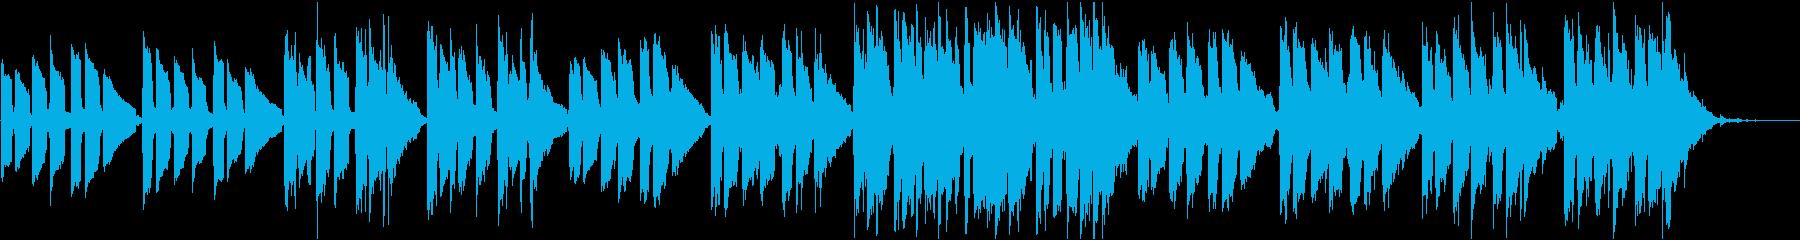 実験的 ロック ポストロック アン...の再生済みの波形